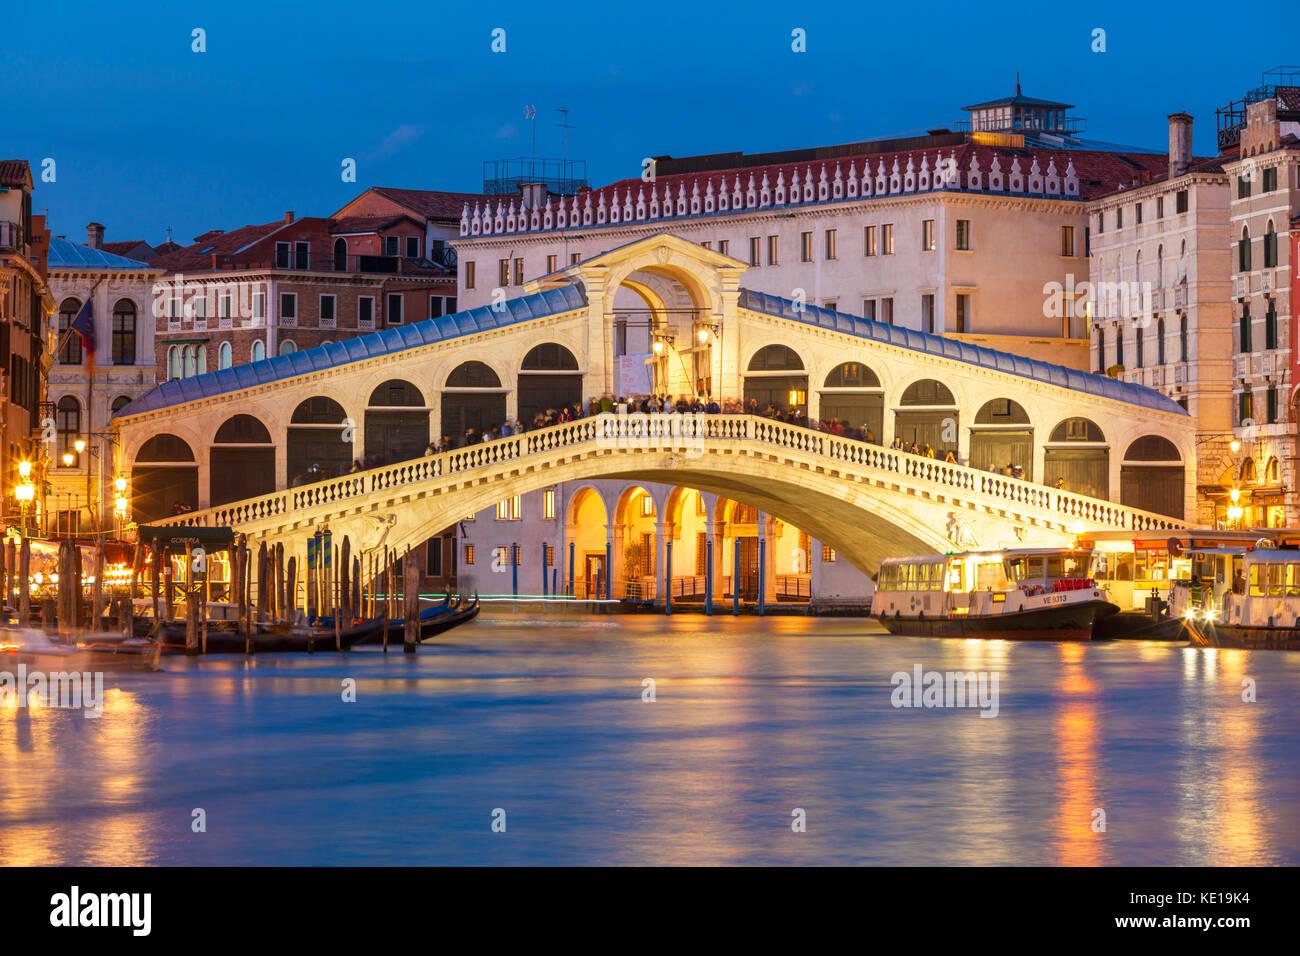 Italie Venise Italie Italie Venise gondole Grand Canal Venise pont du Rialto la nuit illuminée la nuit Venise Photo Stock